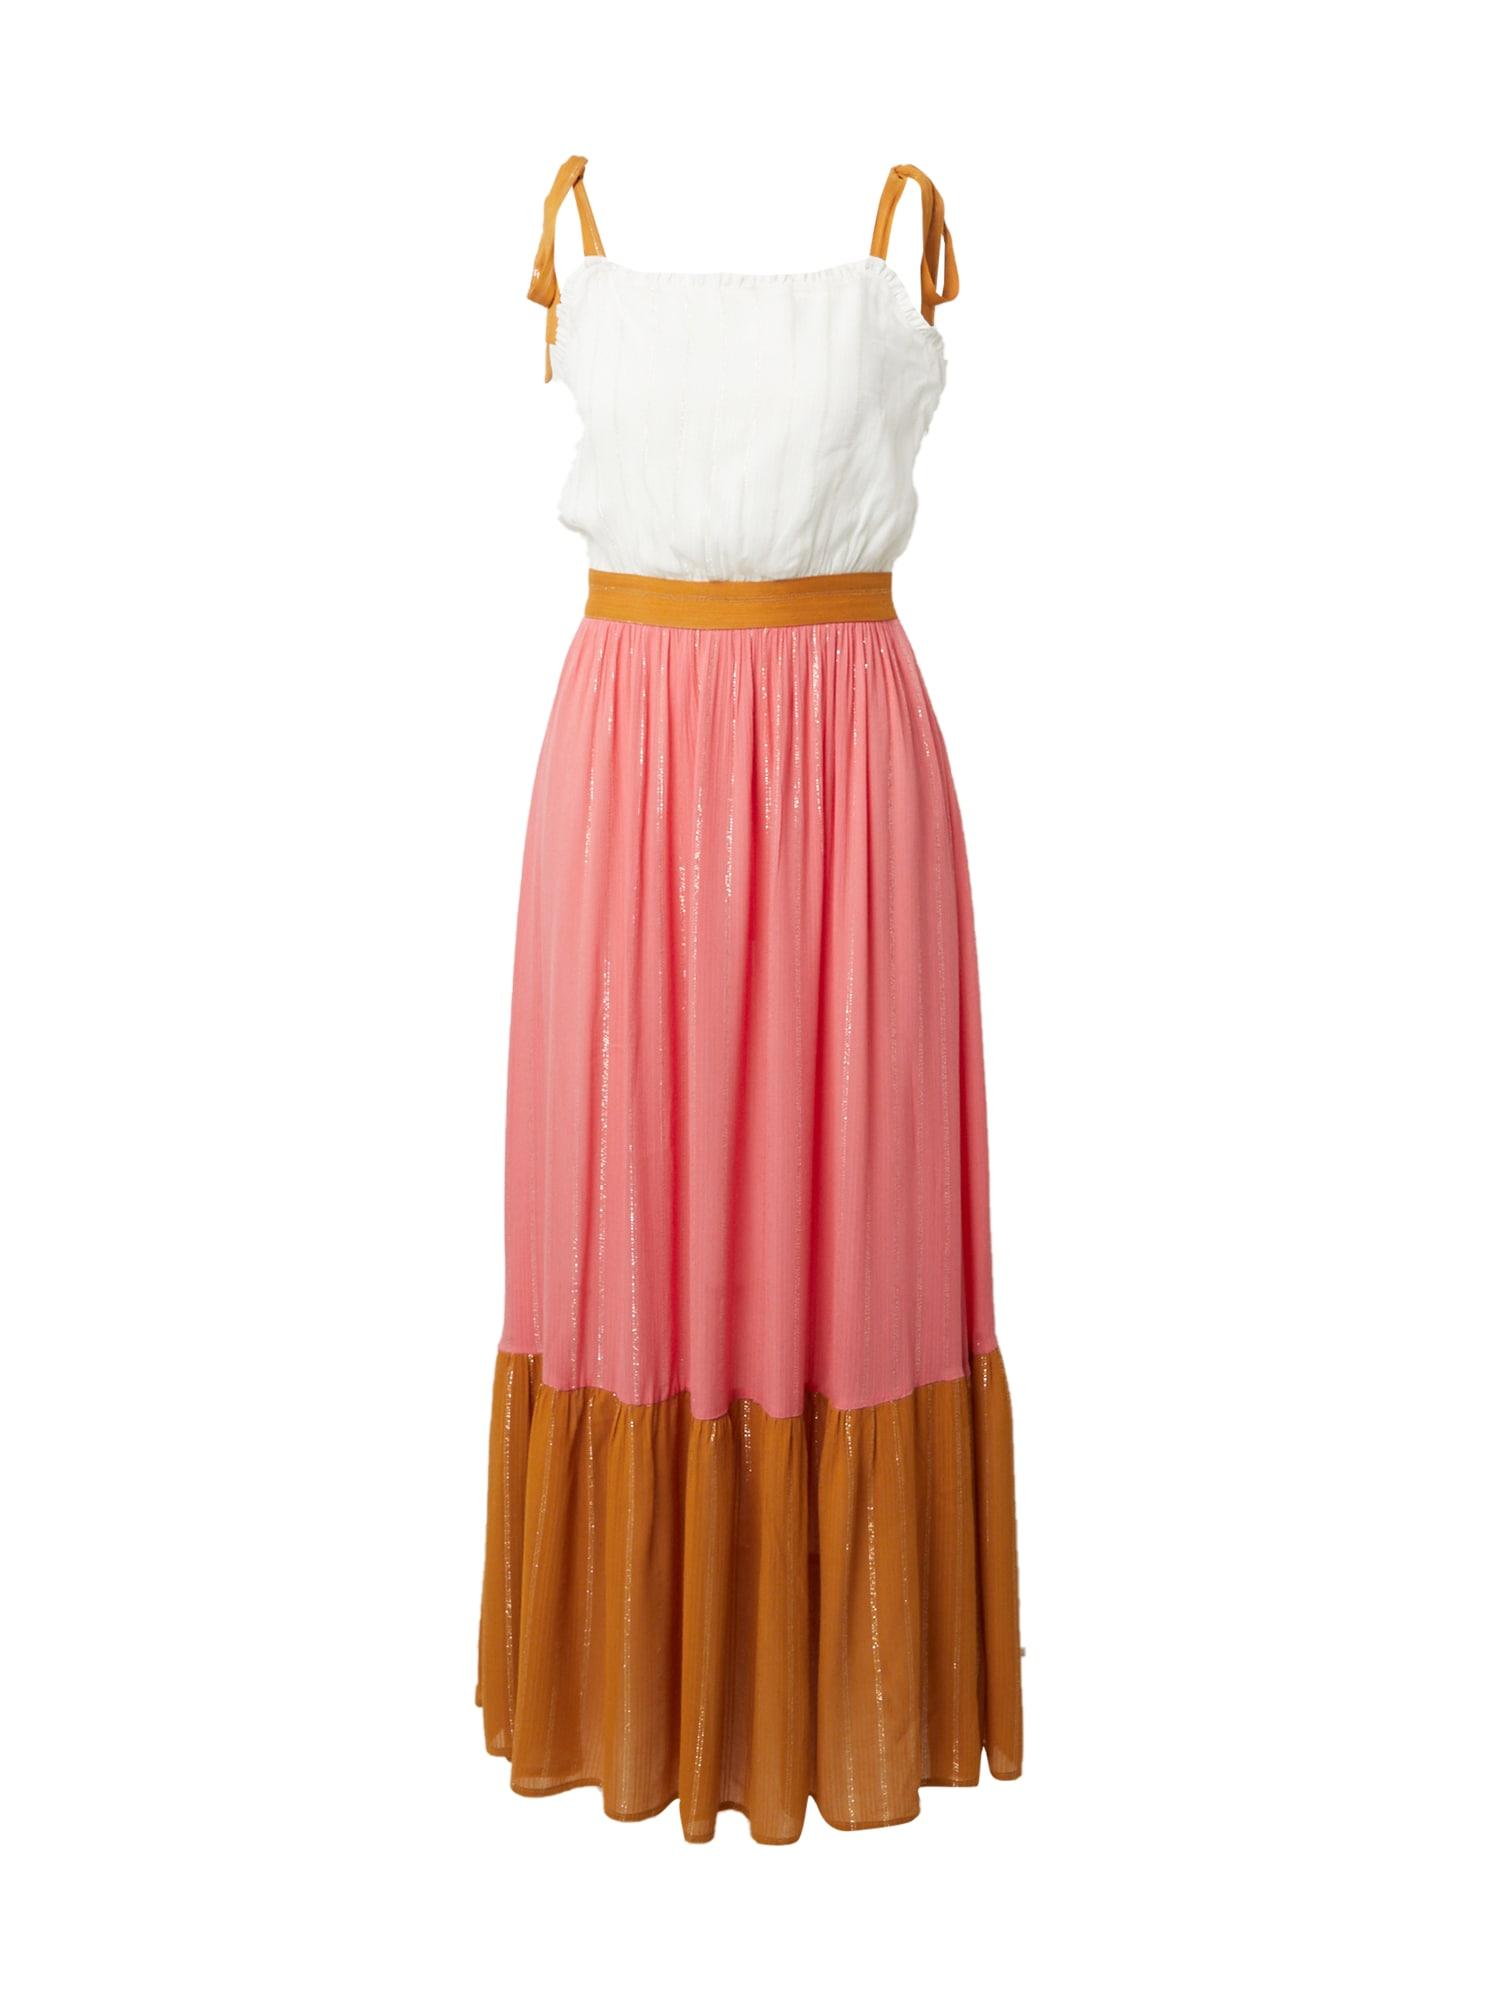 FRNCH PARIS Vasarinė suknelė rusvai oranžinė / rožių spalva / balta